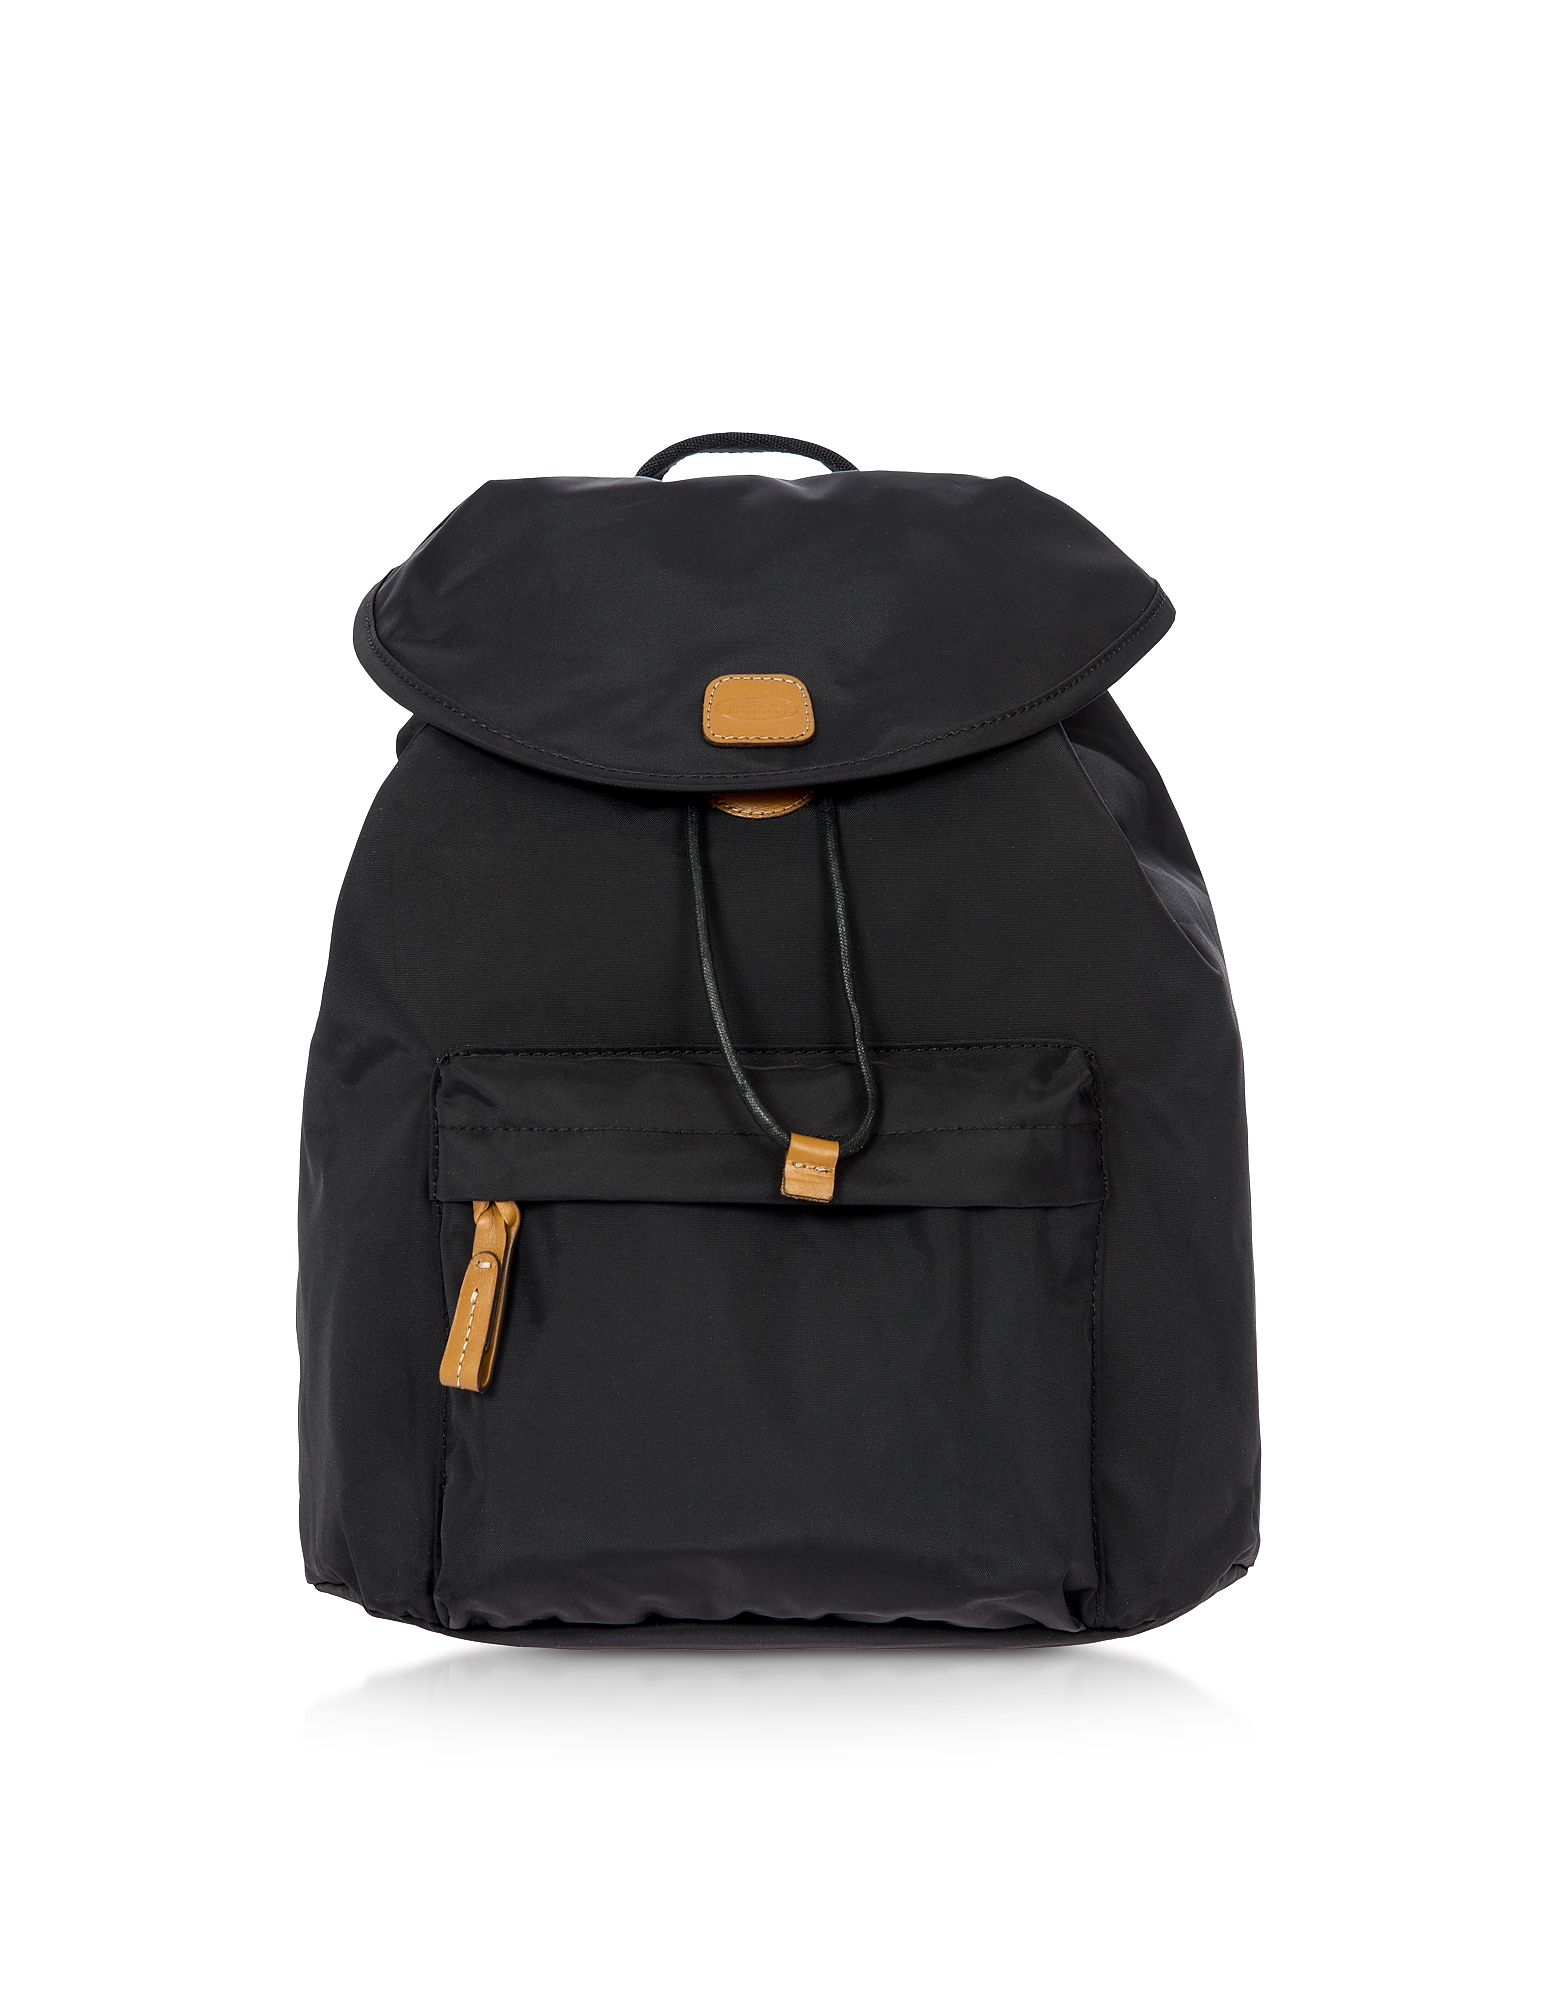 X-Travel Black Nylon Backpack